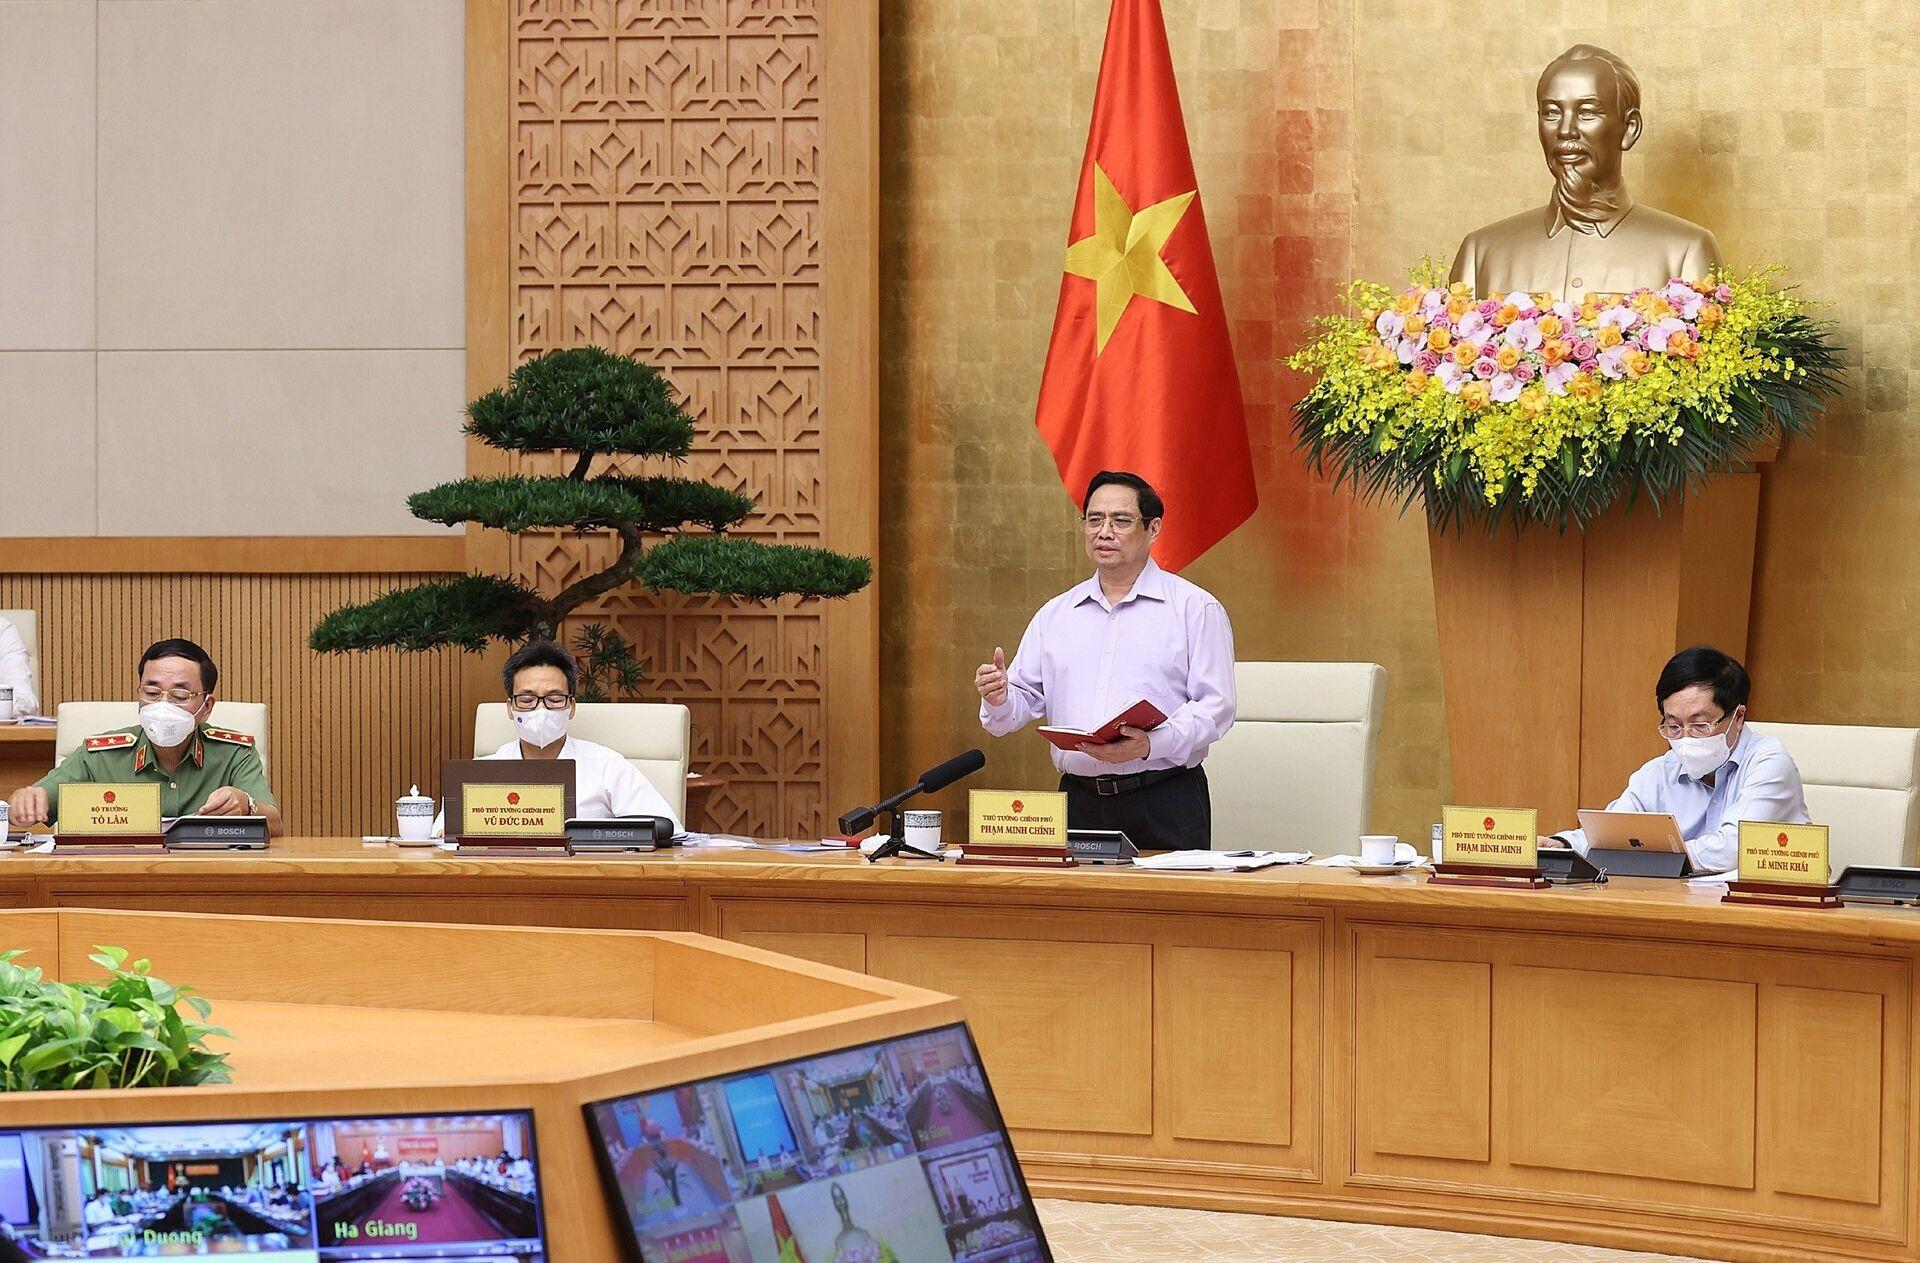 Việt Nam không để Covid-19 phá vỡ 'thành trì kinh tế' - Sputnik Việt Nam, 1920, 02.07.2021